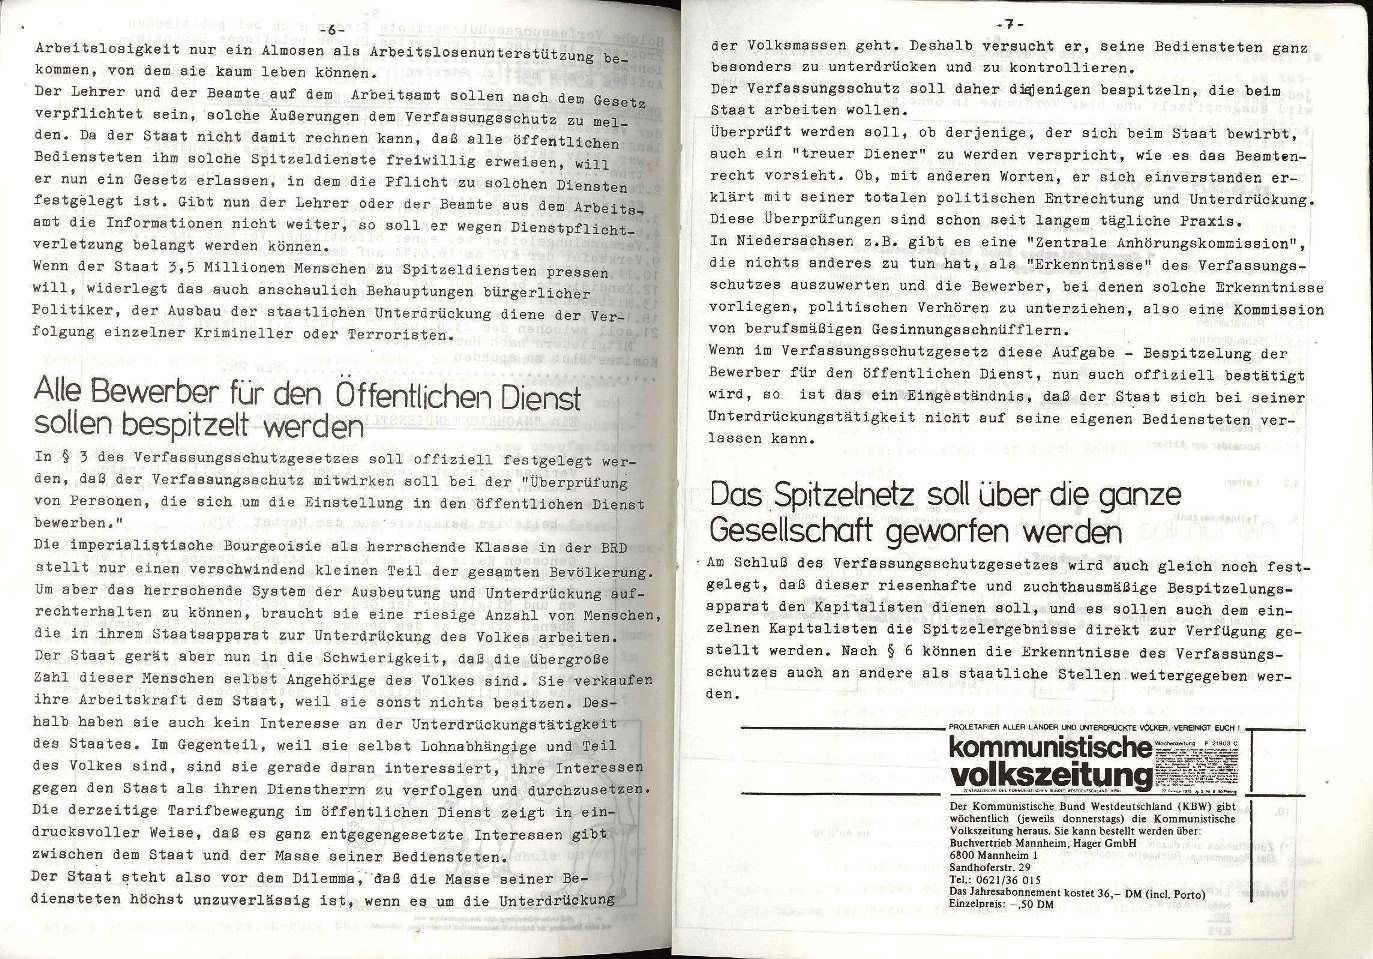 Hannover_Verfassungsschutzgesetz005